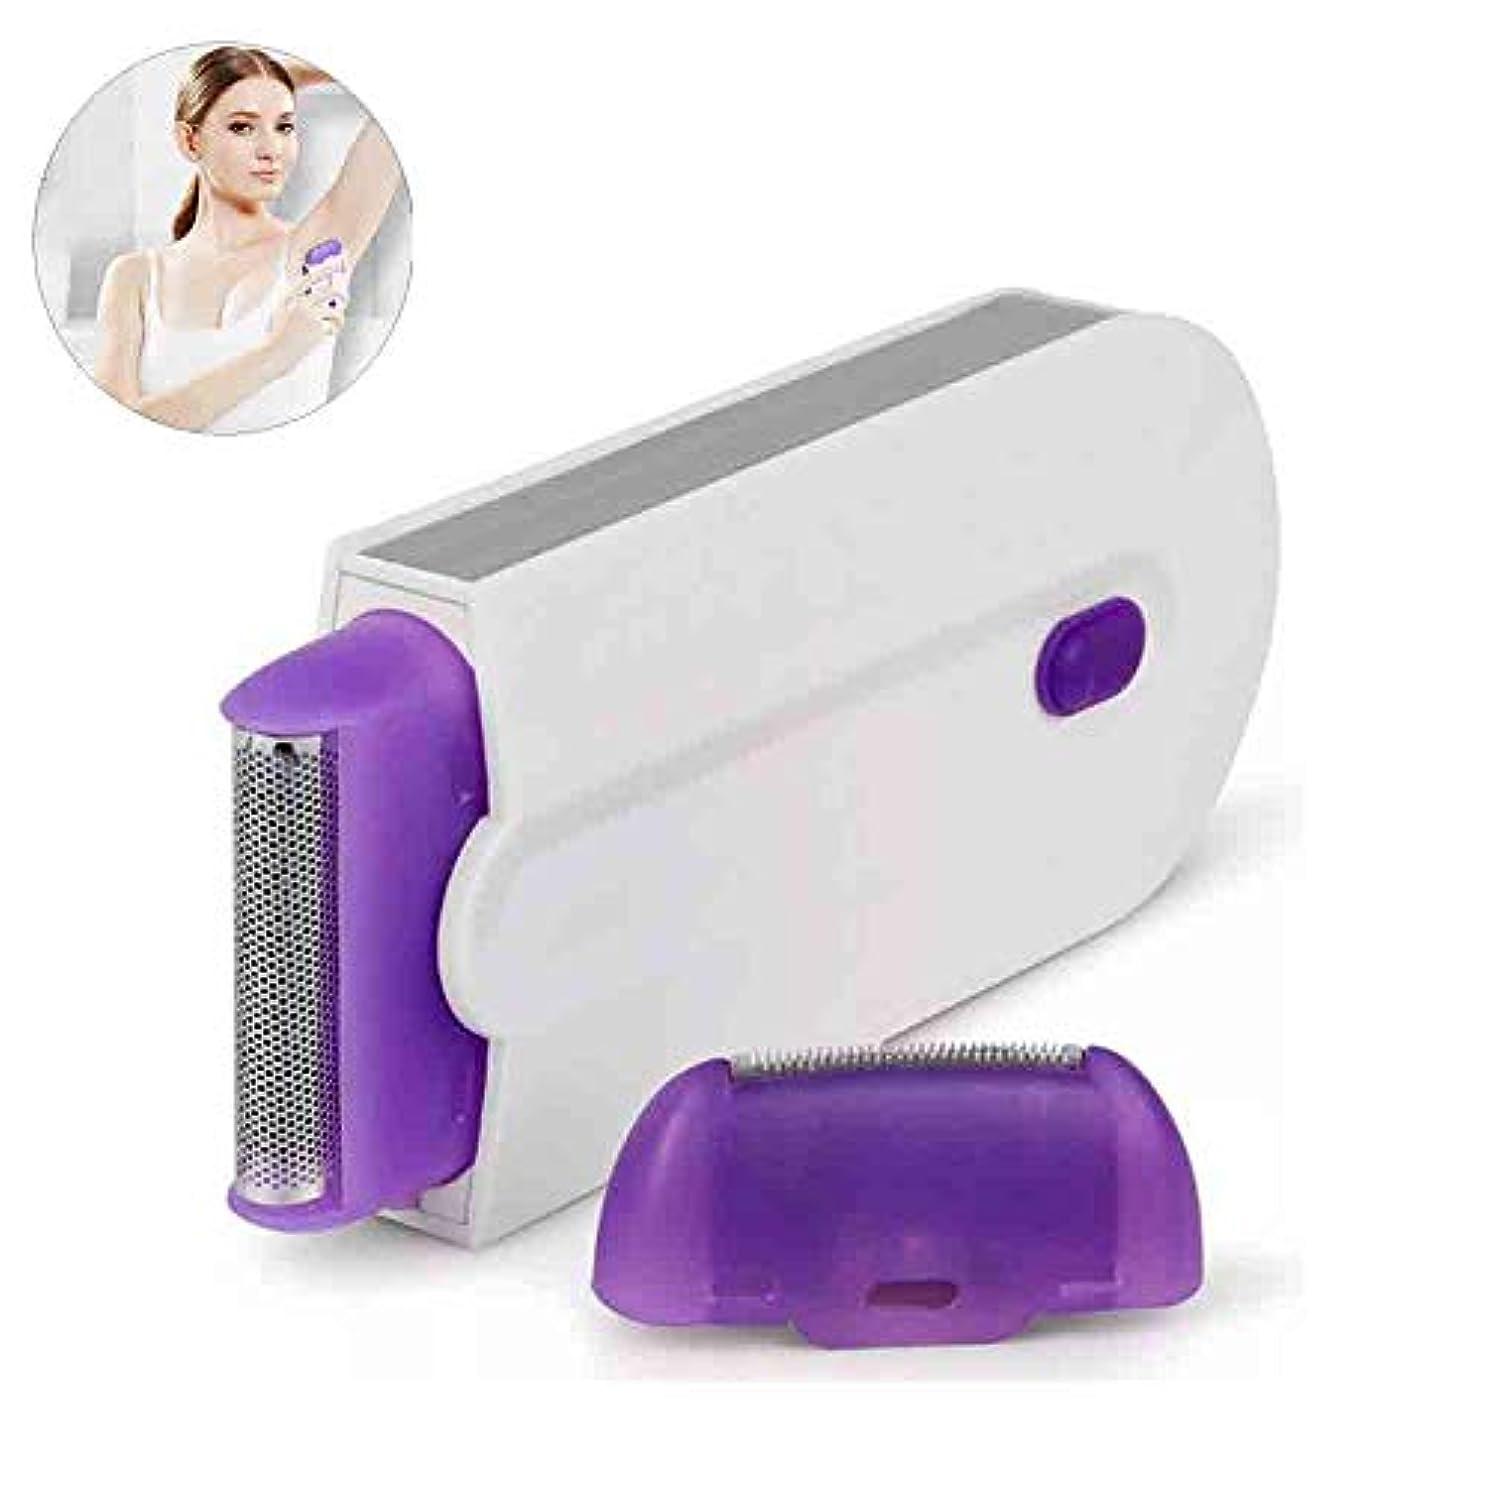 天皇迷彩信頼電気シェーバー、USB 充電誘導の女性の摘採装置、レーザー脱毛